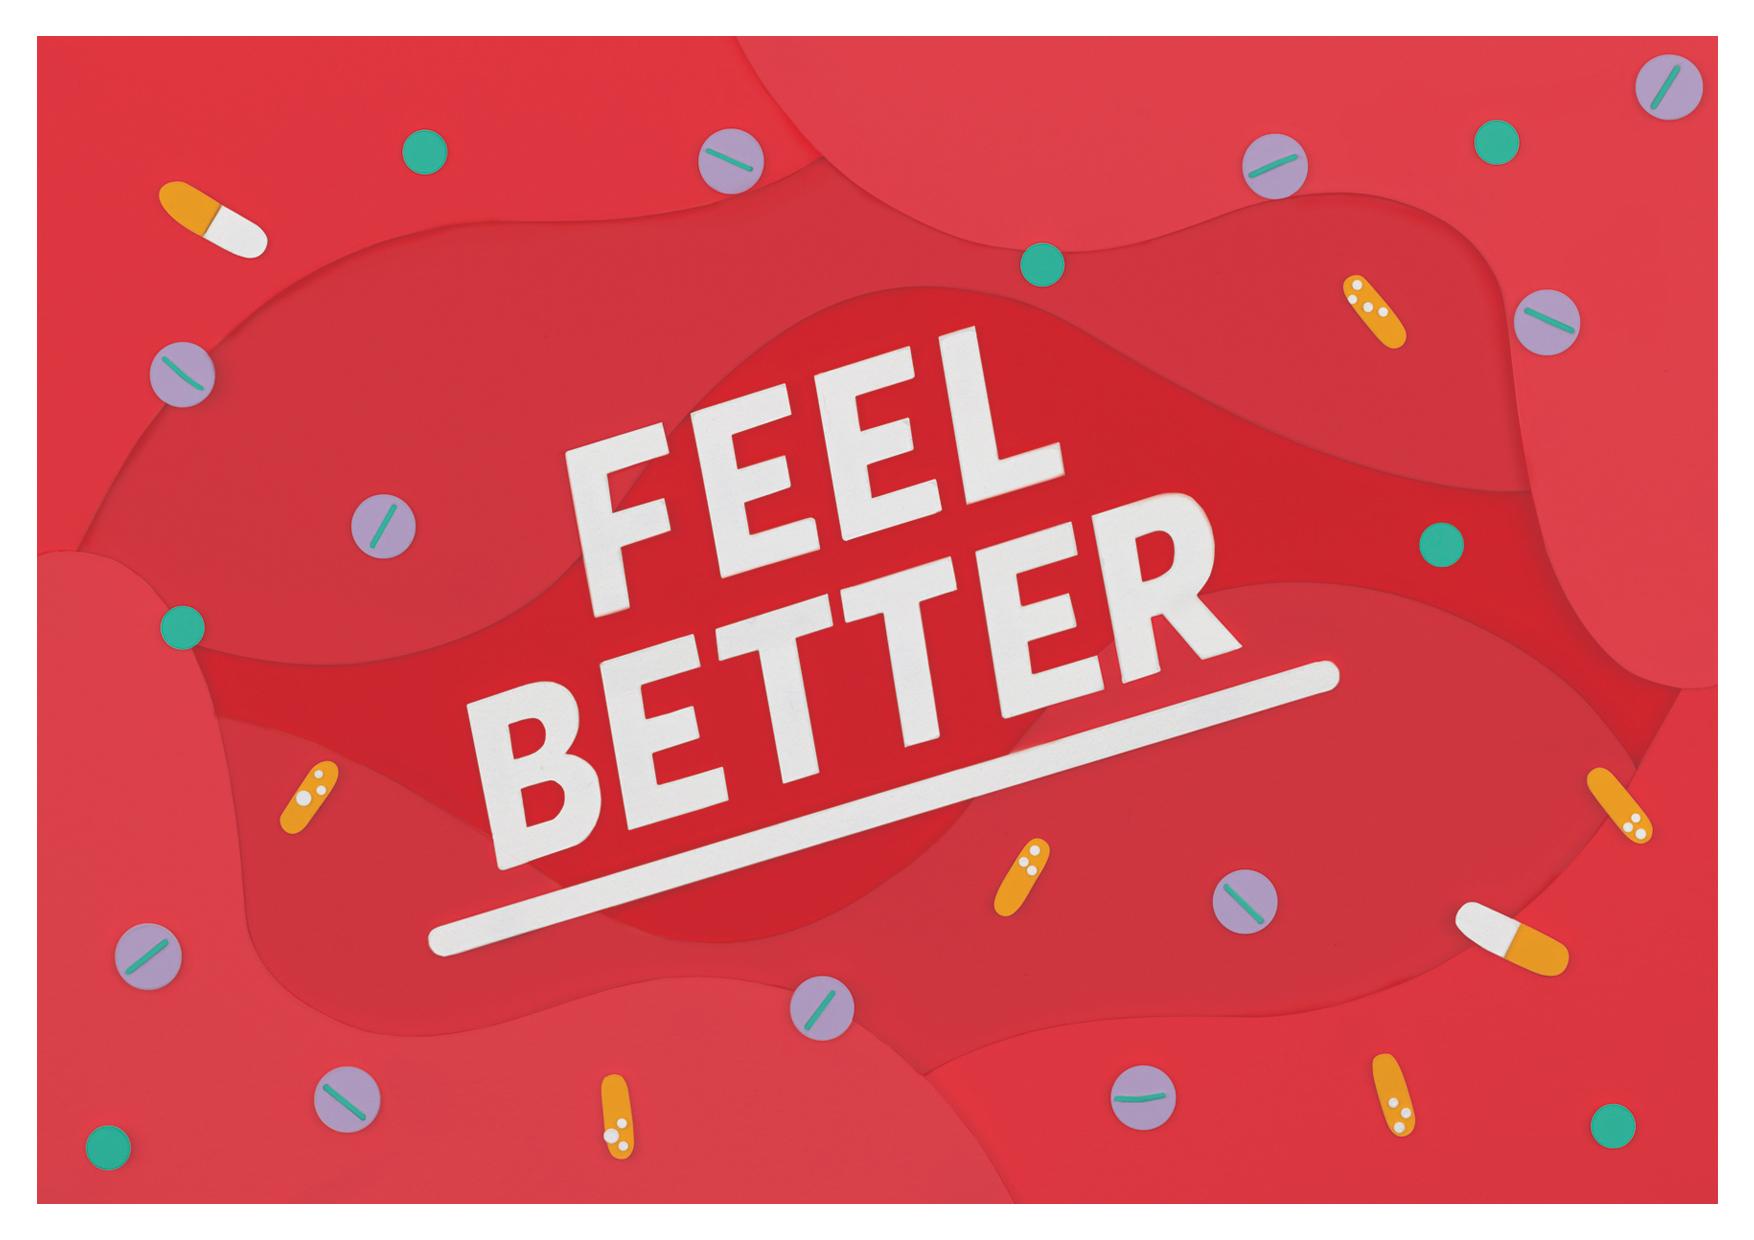 FeelBetter_Nicole-Licht